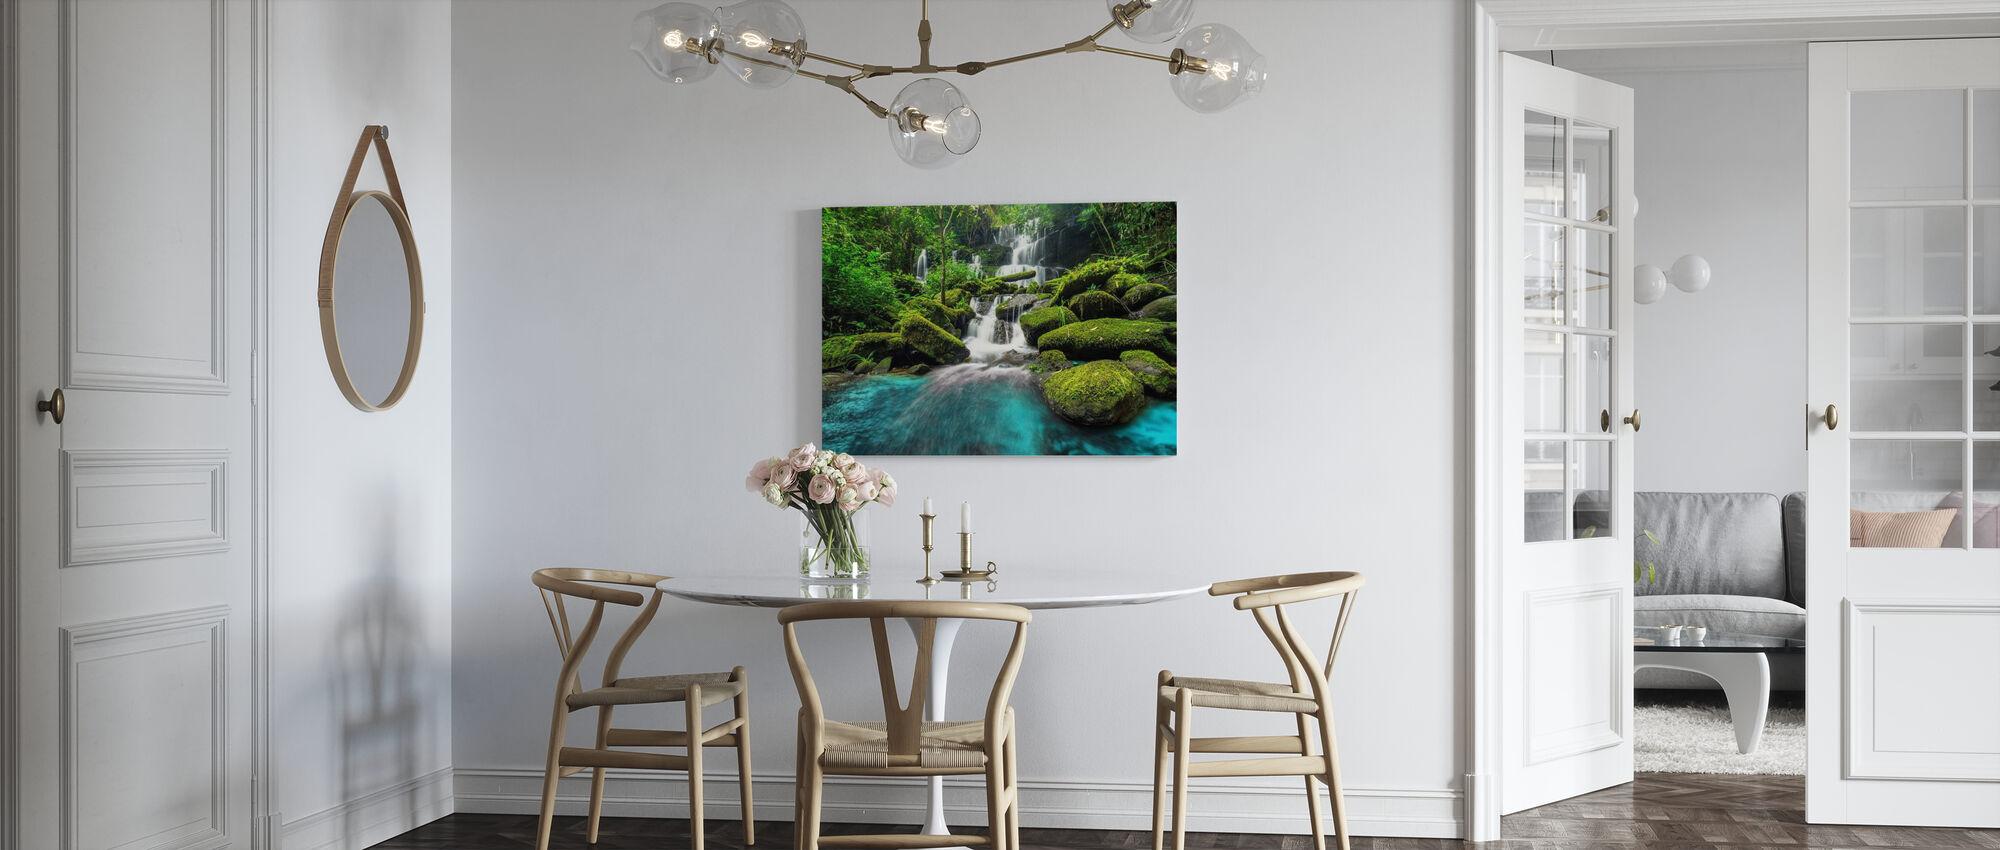 Grön skog vattenfall - Canvastavla - Kök